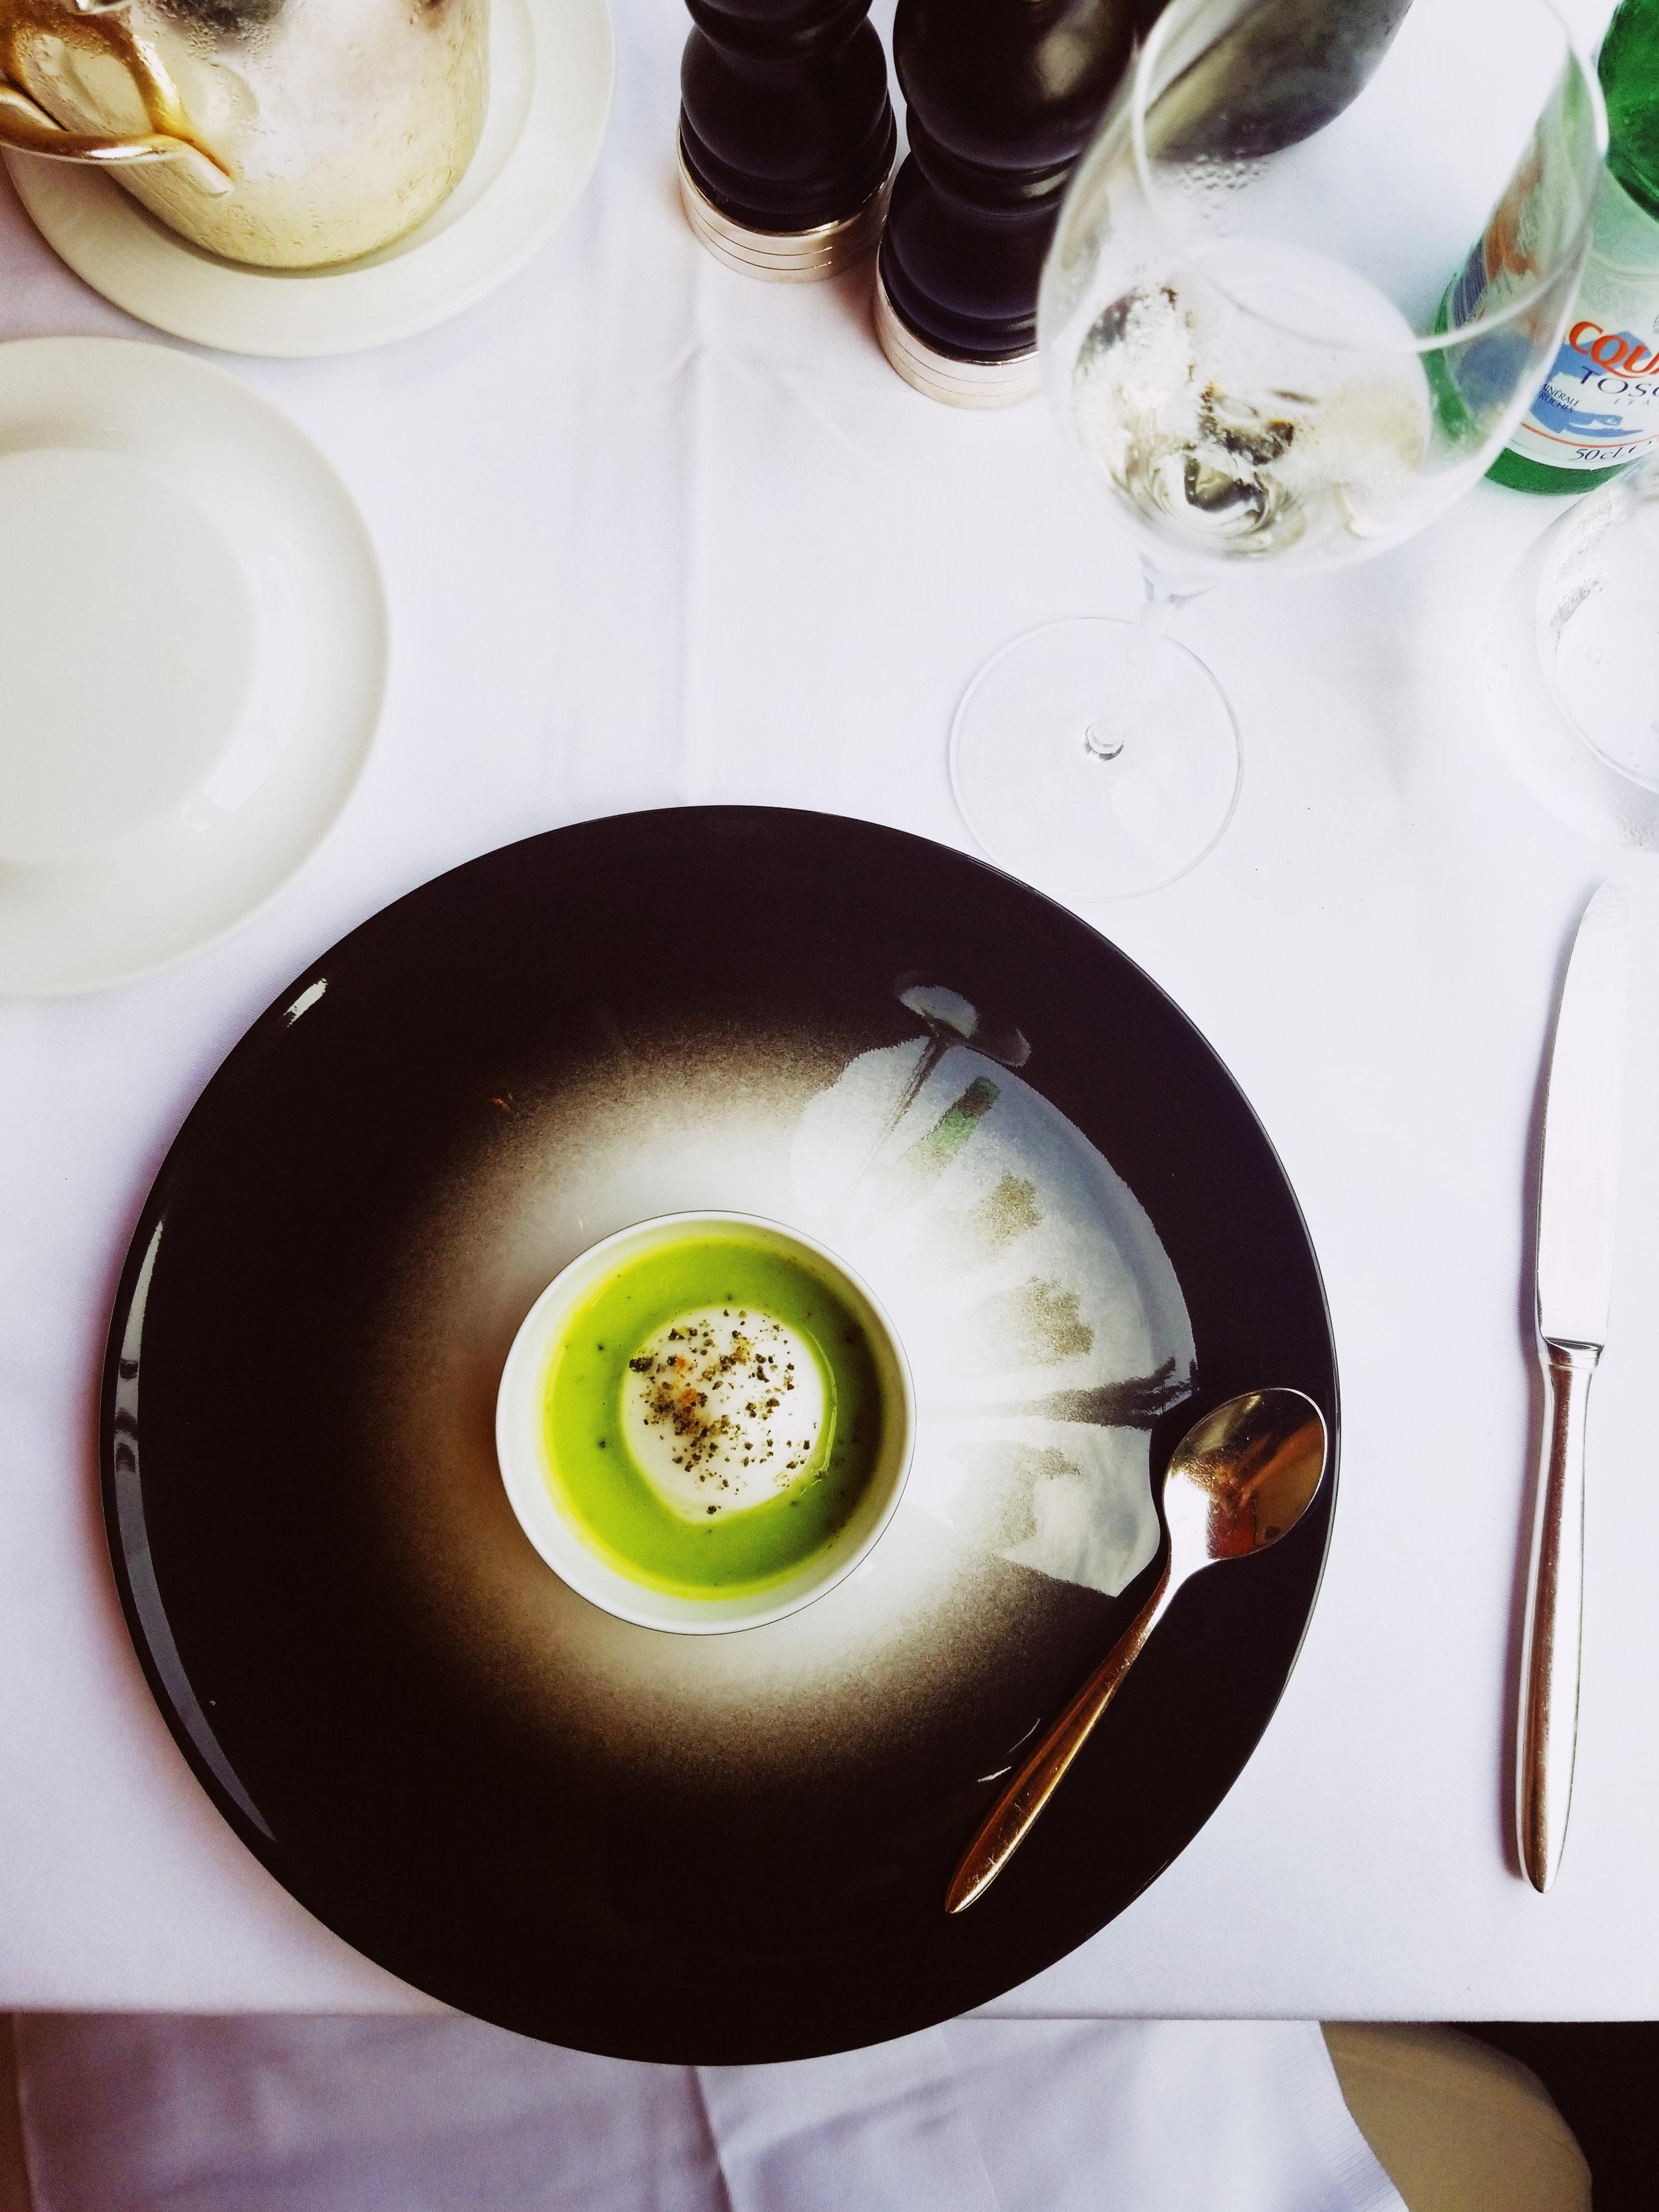 Amuse-bouche - cold pea soup with mint